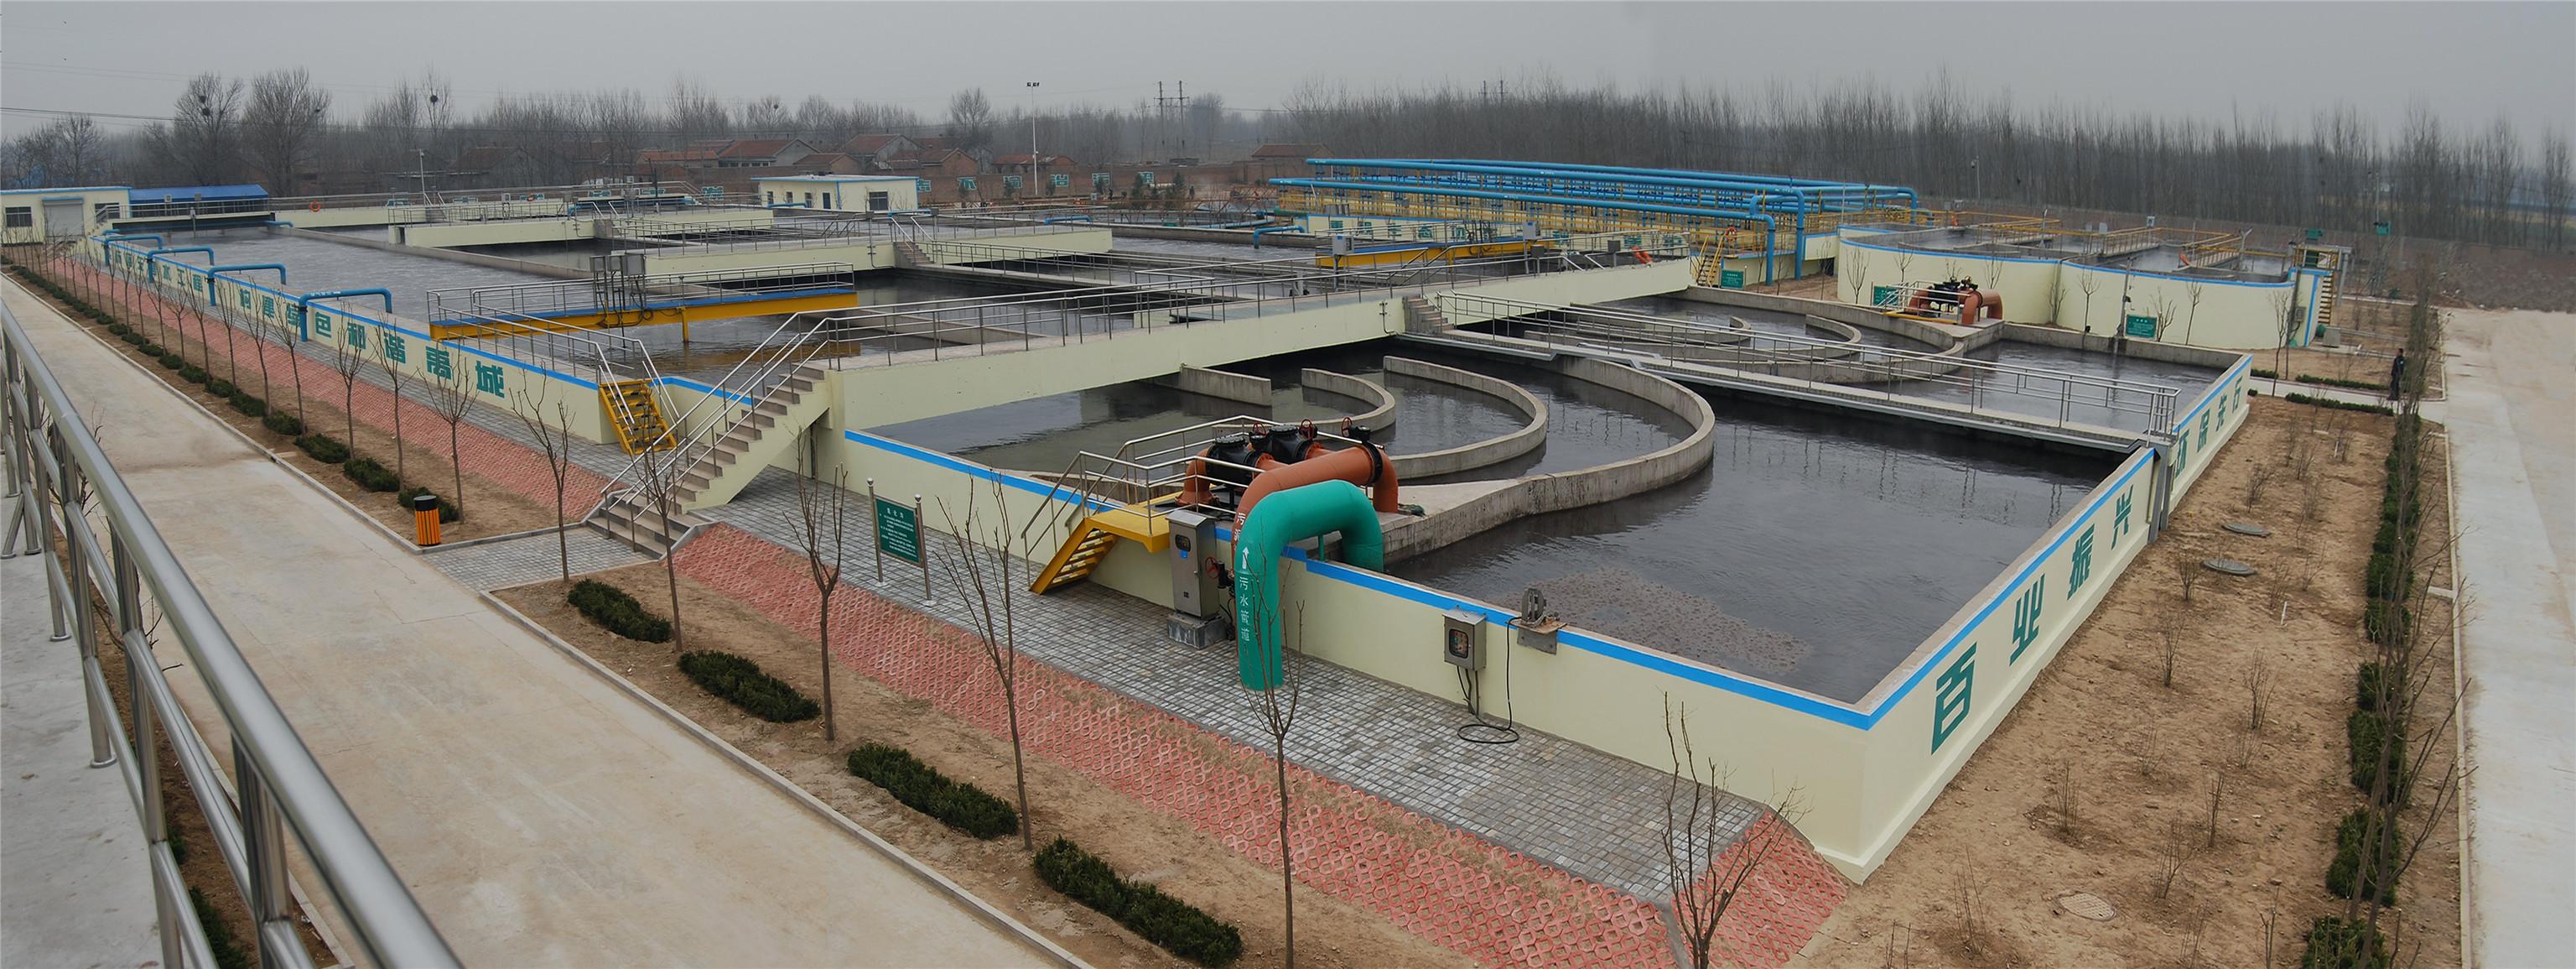 第一污水处理厂亚搏体育app官网登录一角